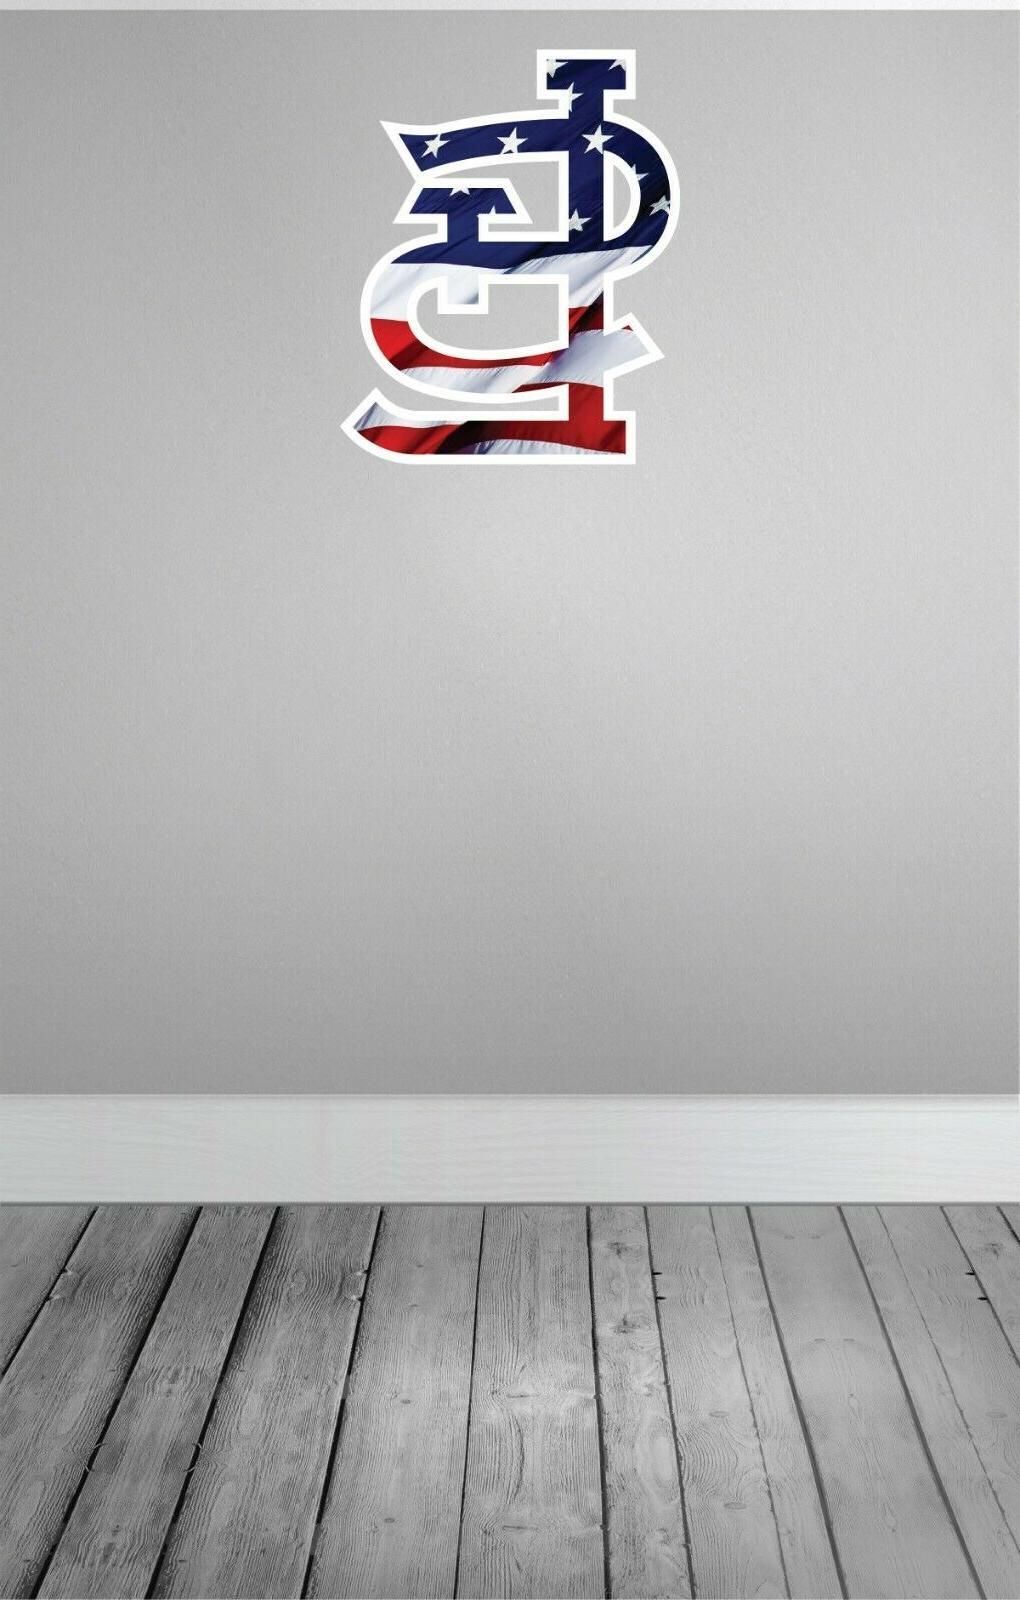 St. Cardinals PACK Cut Decal Sticker - You